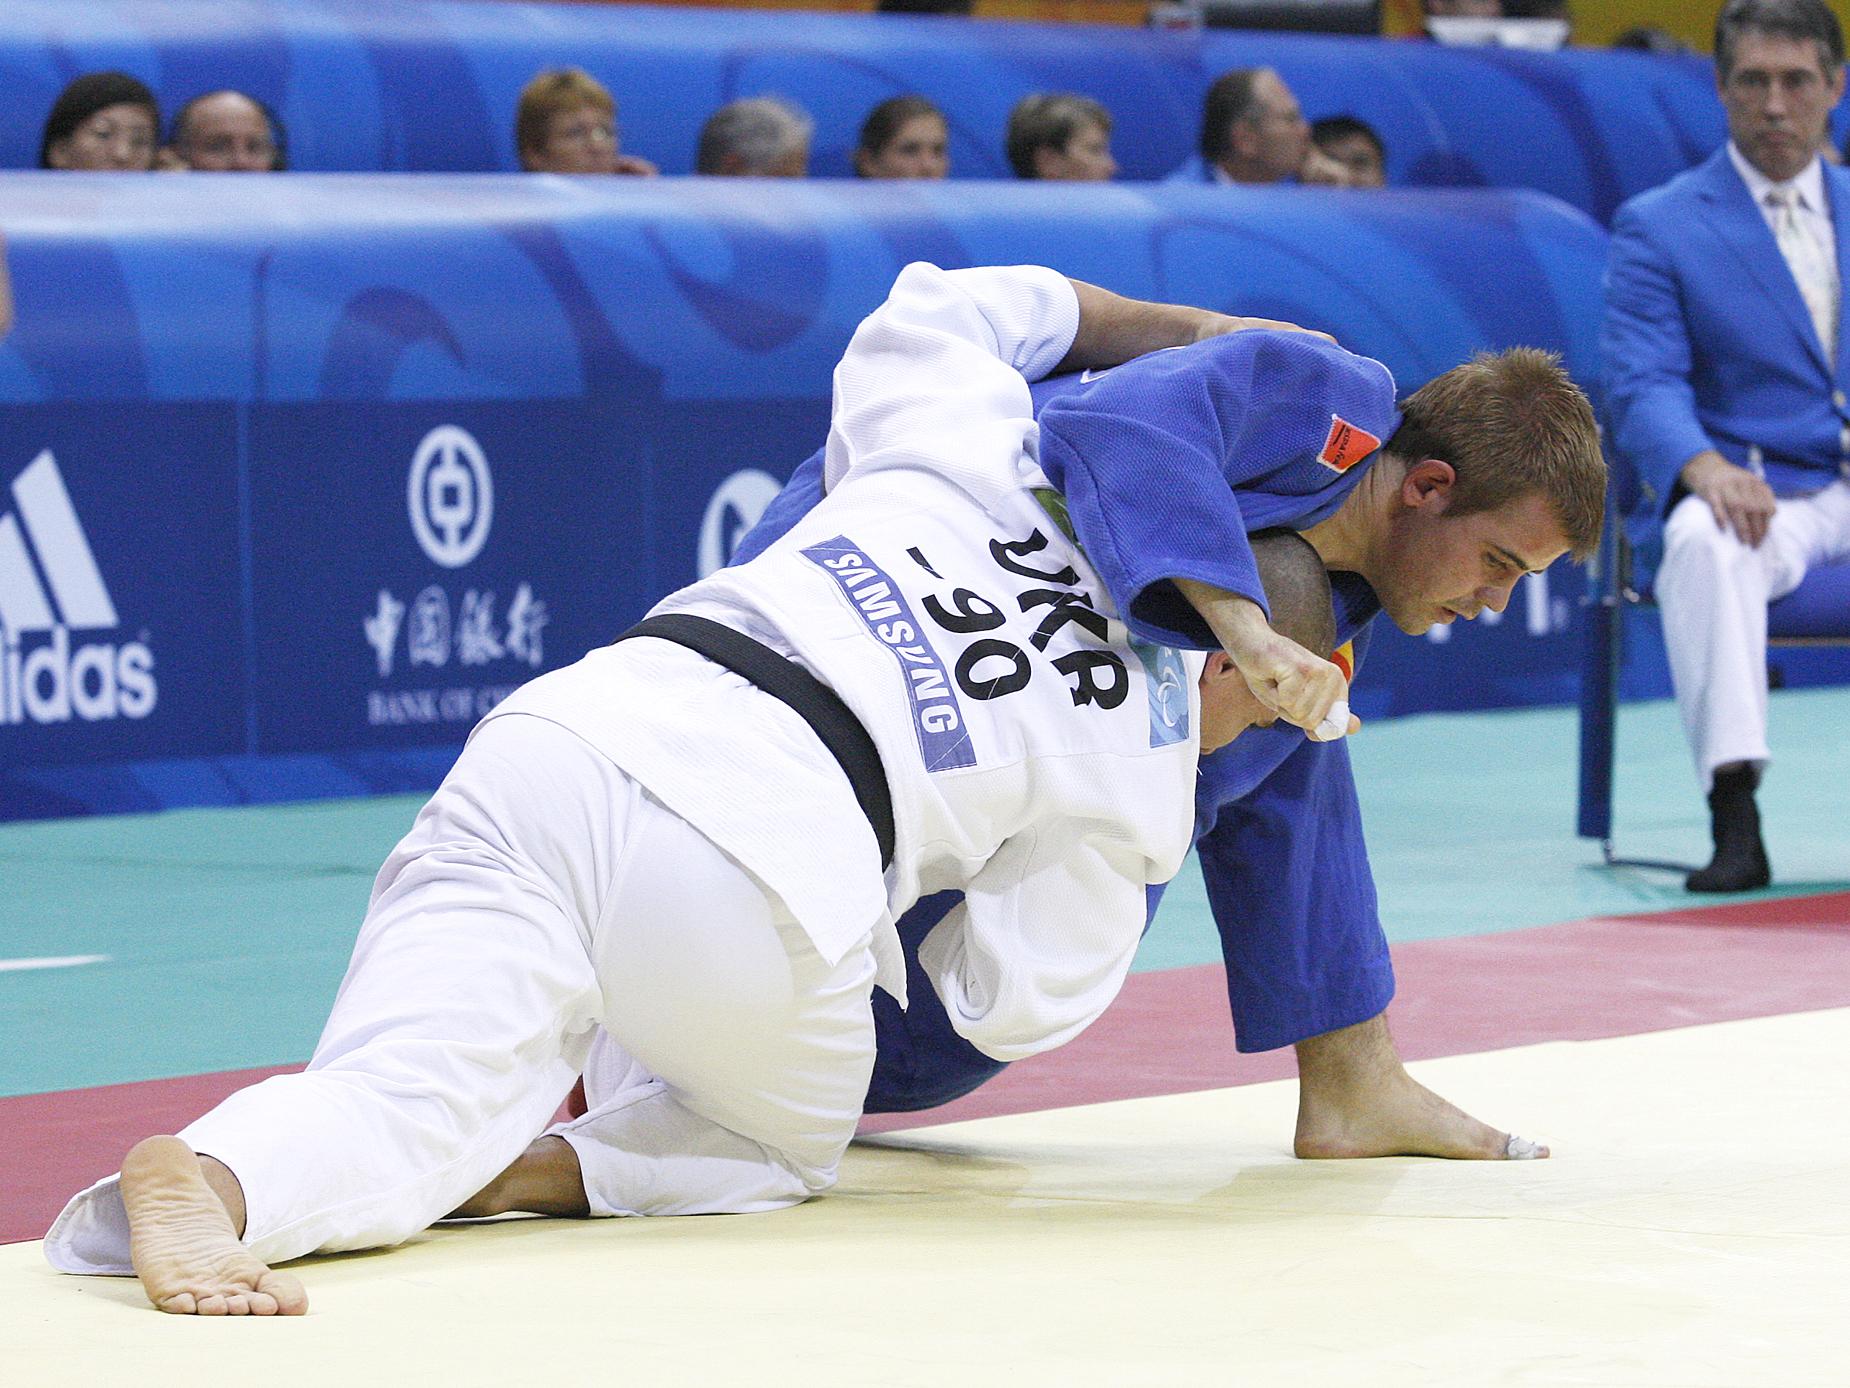 El sevillano Abel Vázquez en plena competición